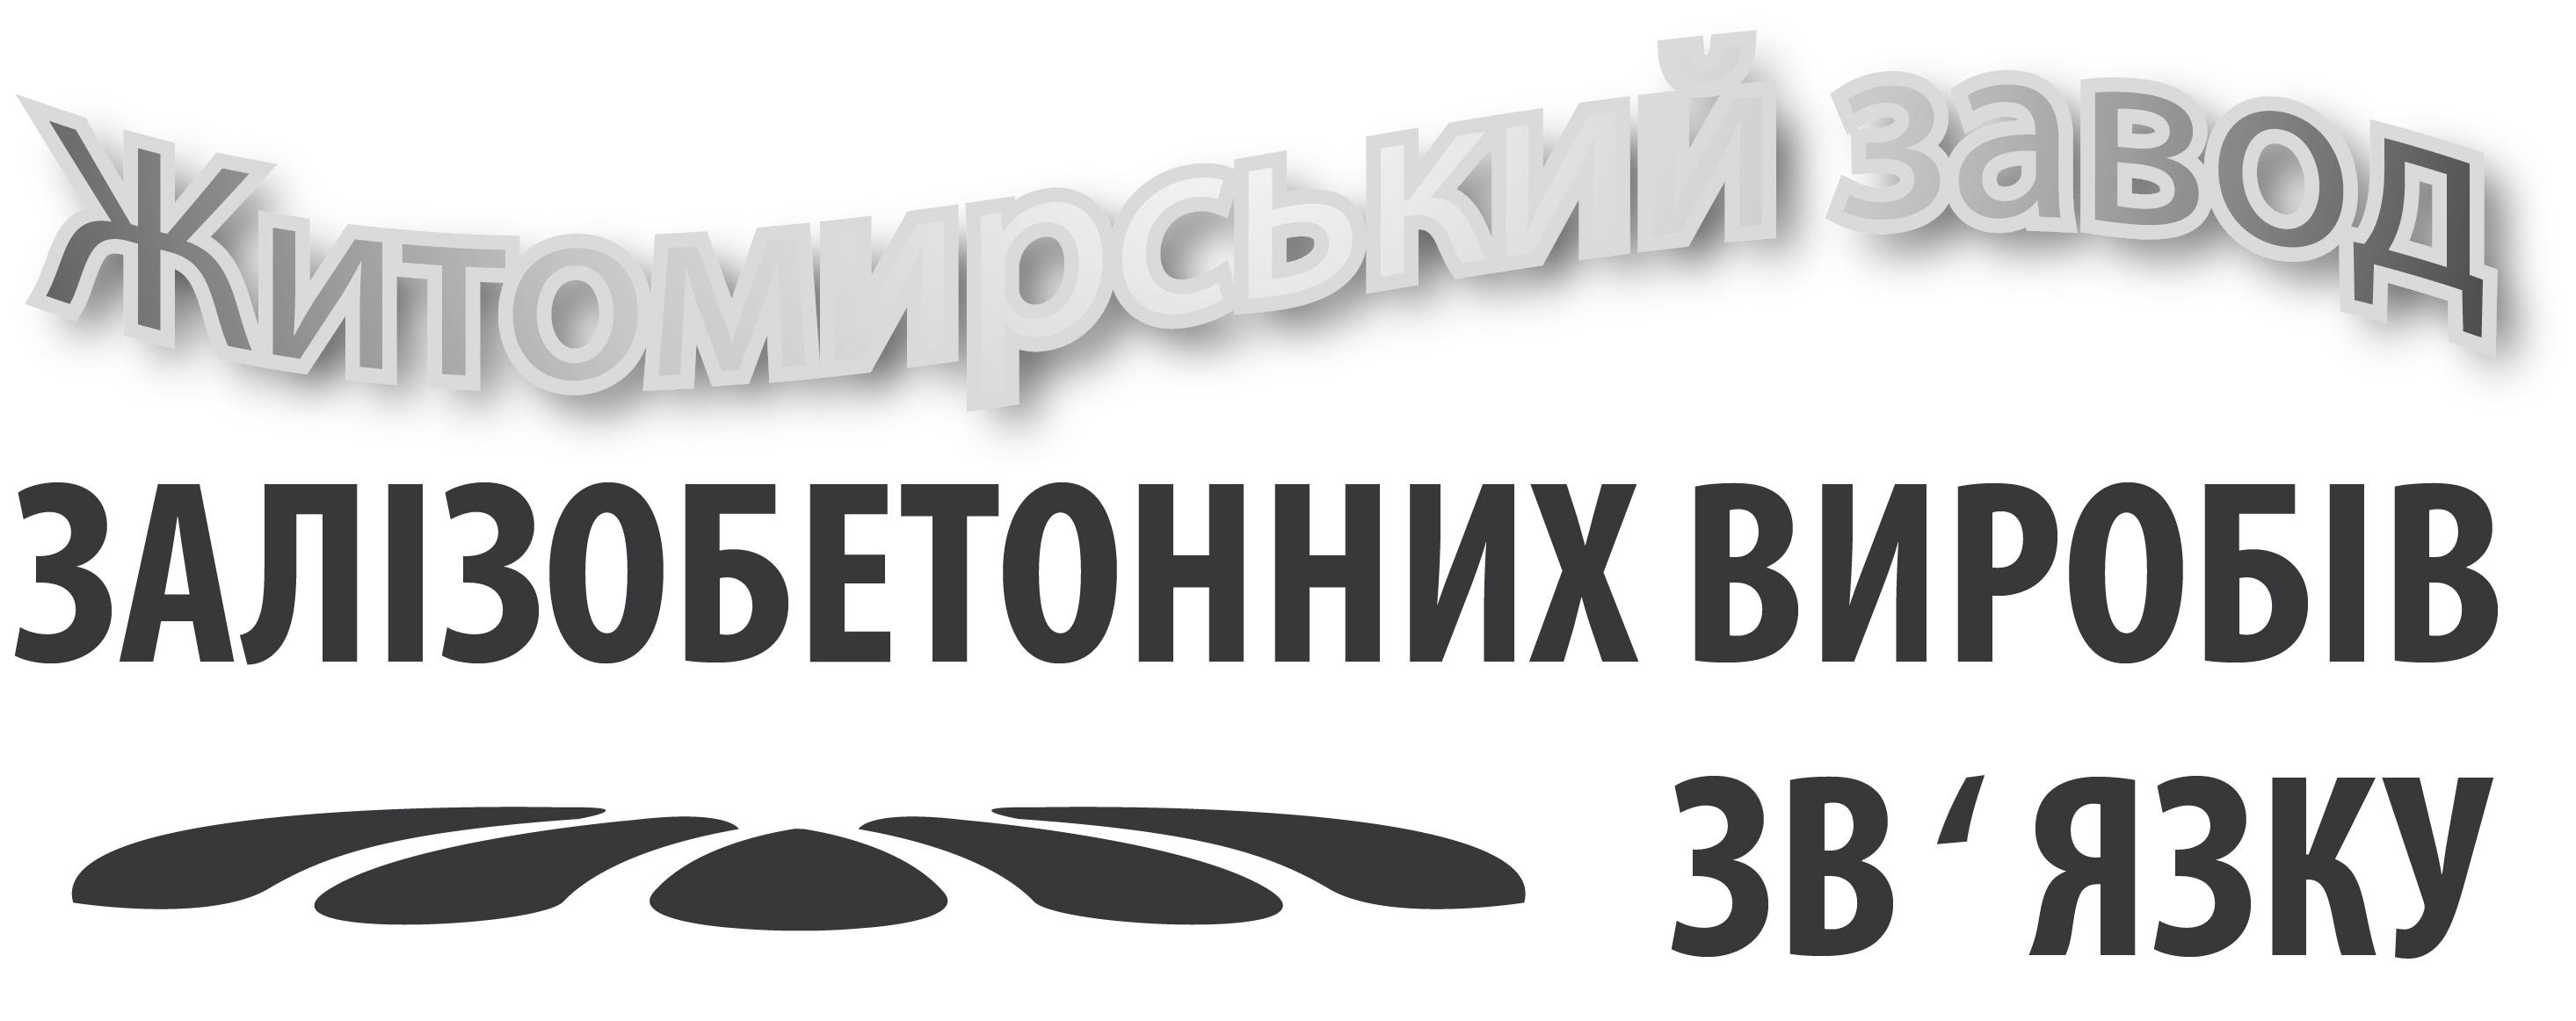 Житомирський завод виробів зв'язку